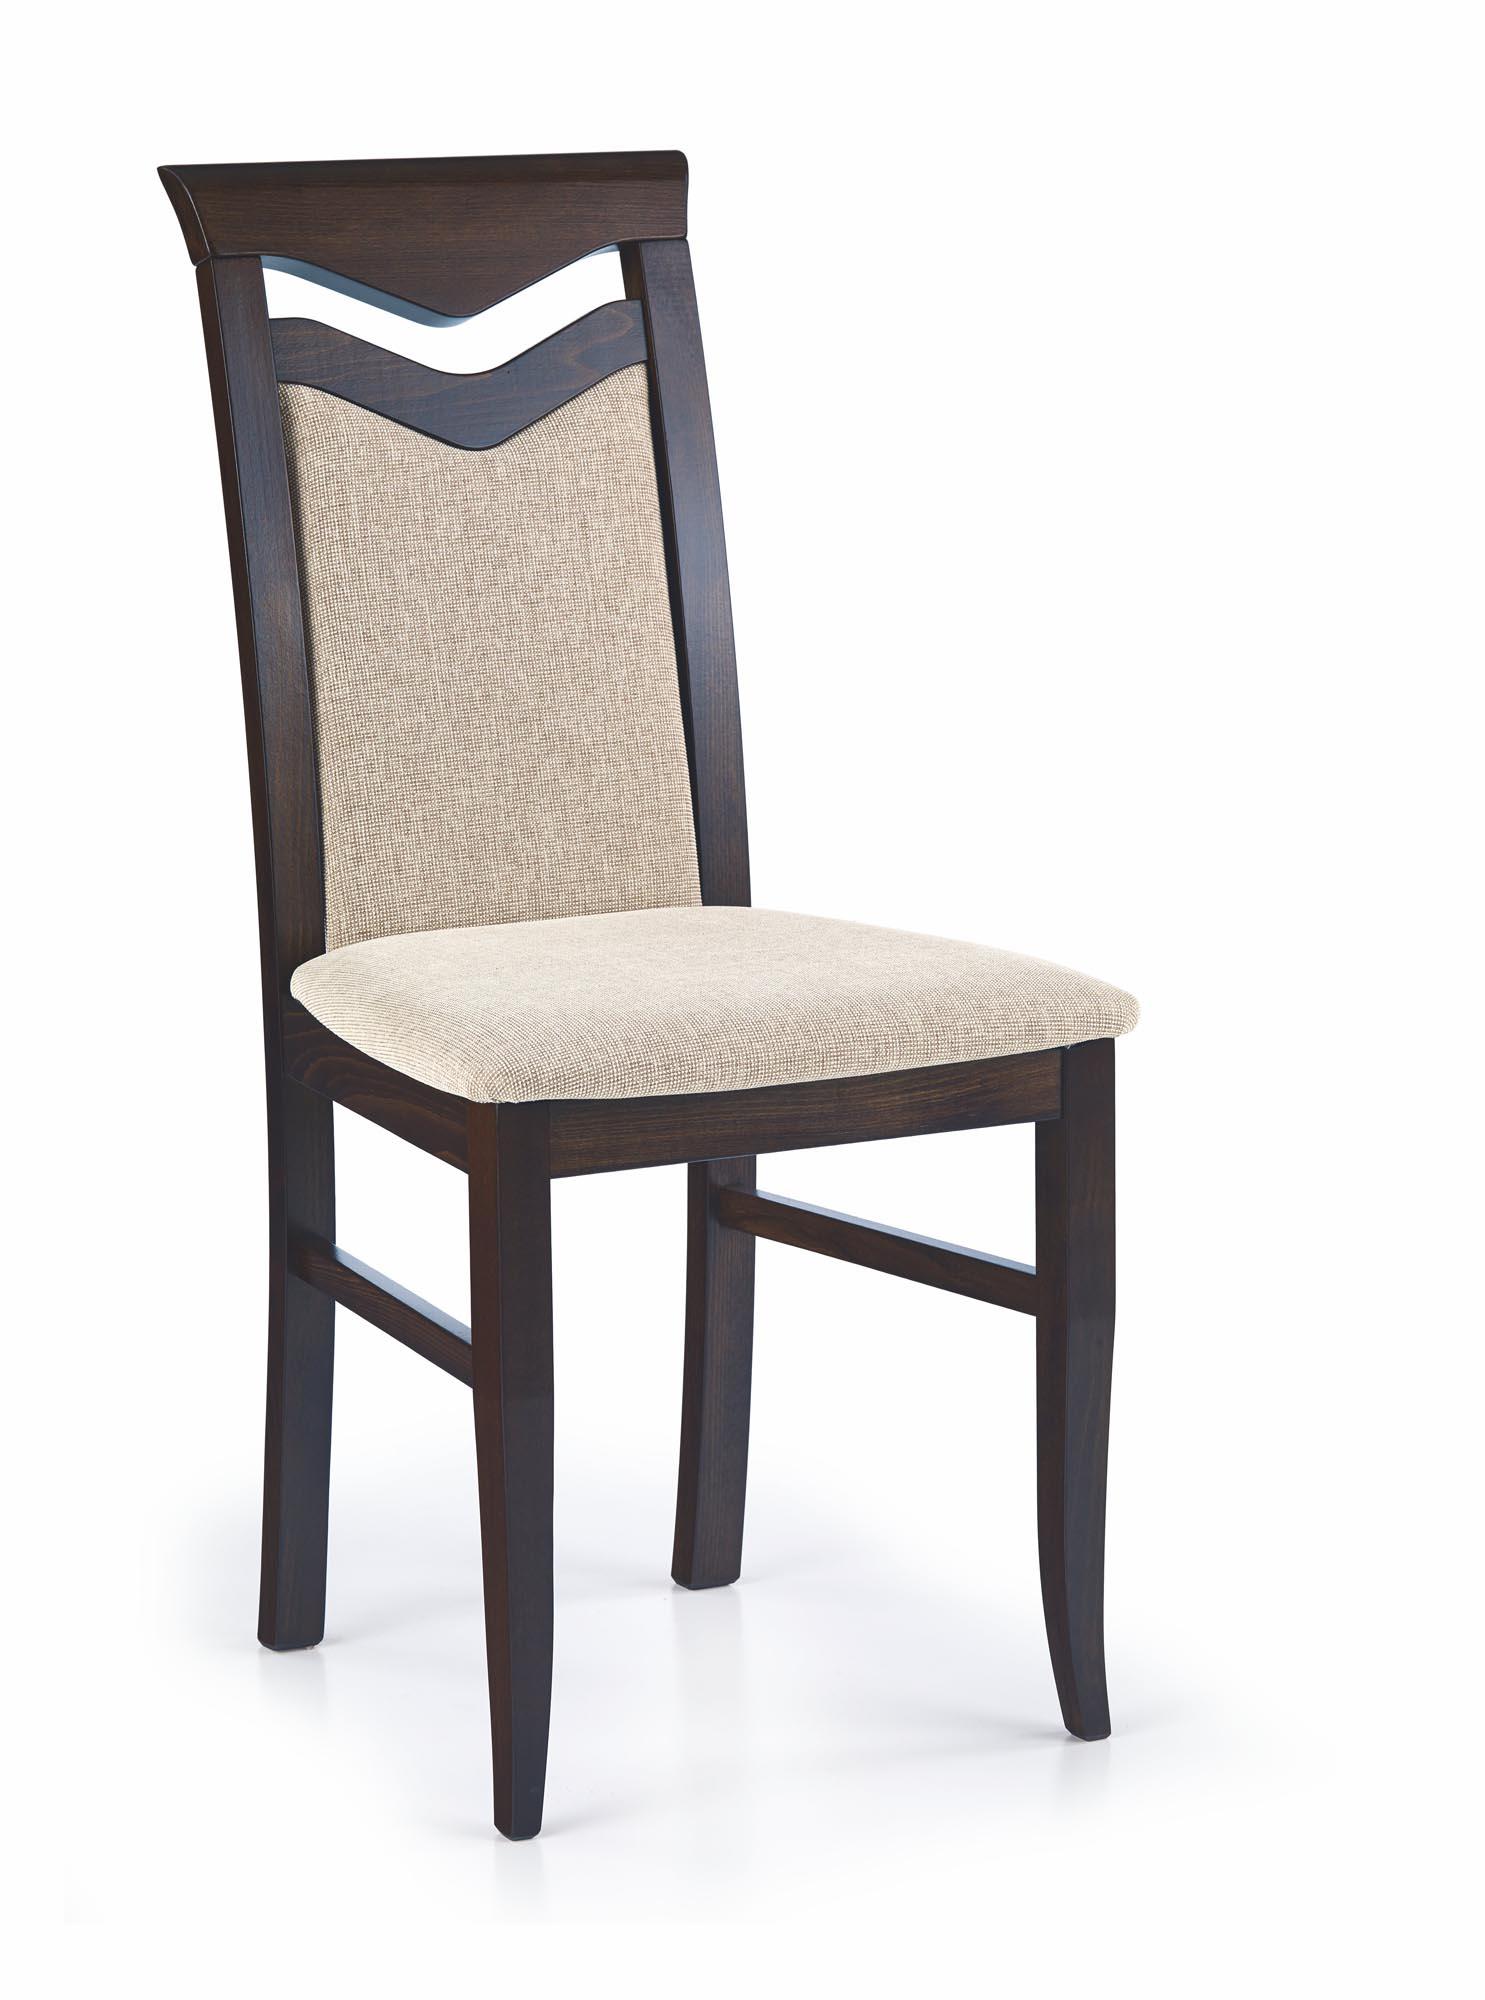 CITRONE stolička wenge / tap: VILA 2